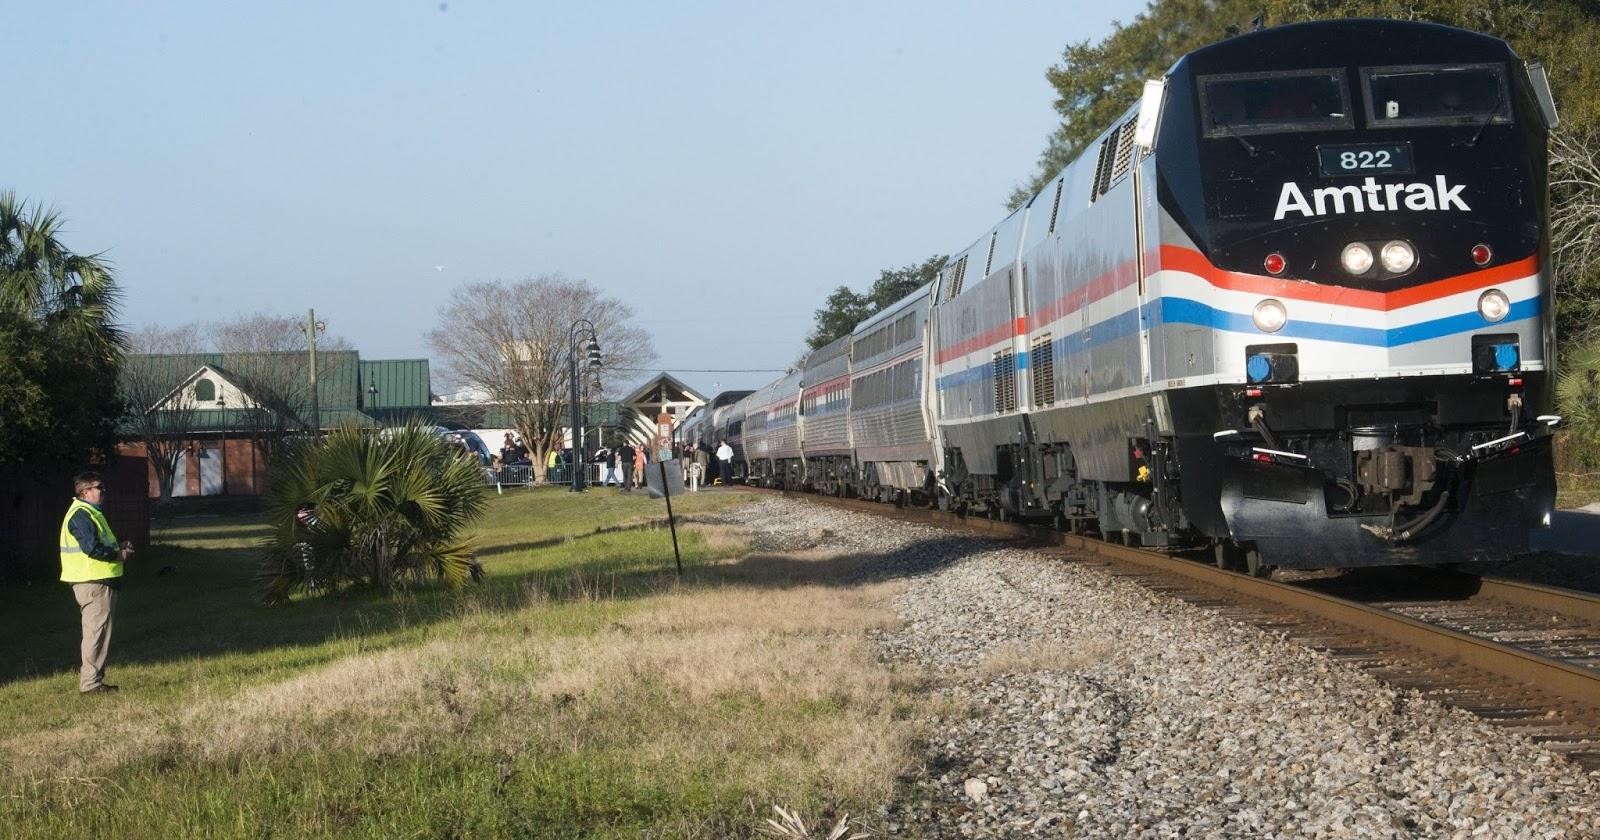 70 Is The New 80 - Digital Railroad's Mis-Step